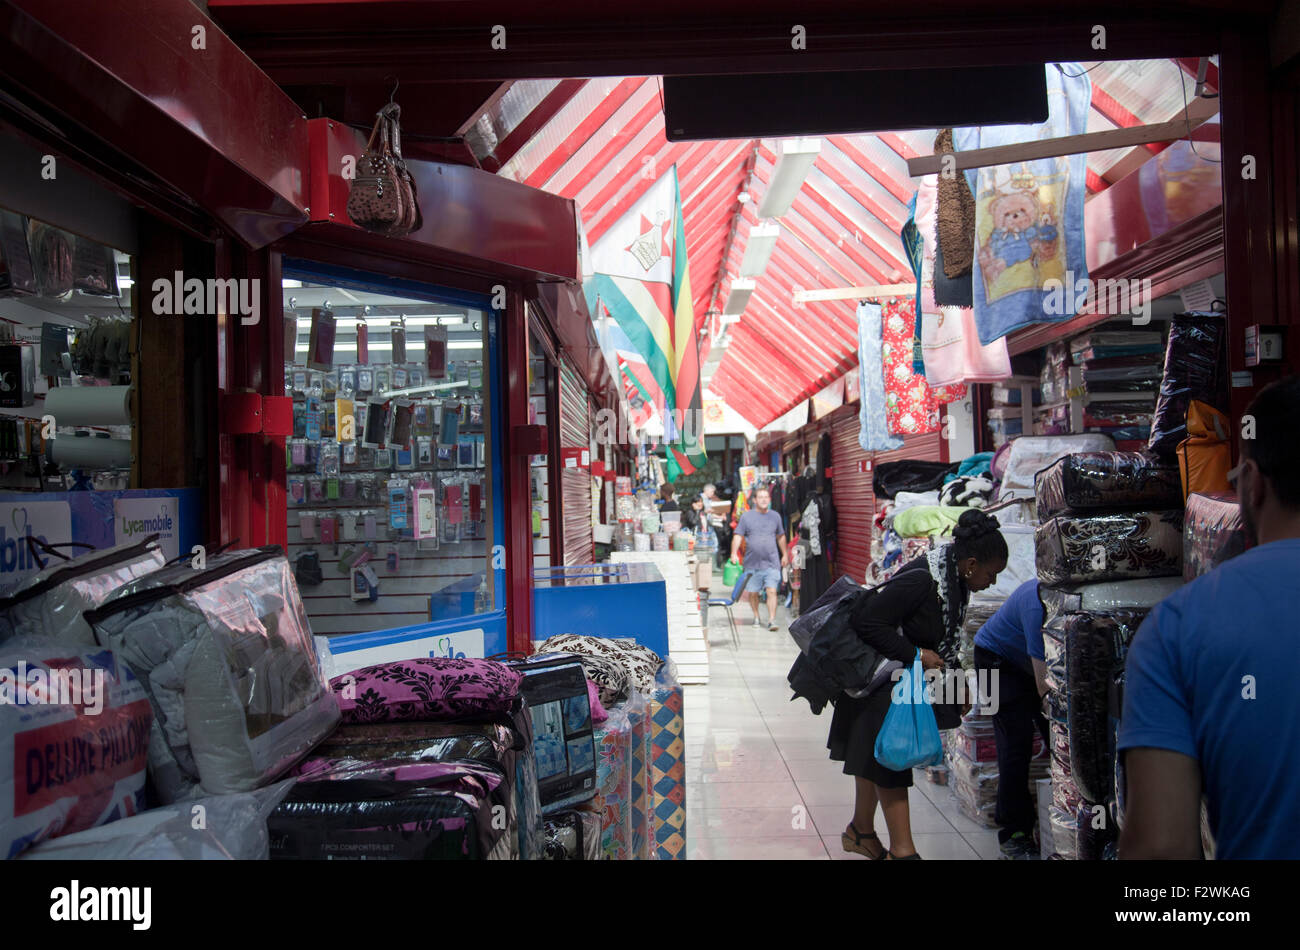 Tooting Indoor Flea Market - London, Tooting SW17 - UK - Stock Image